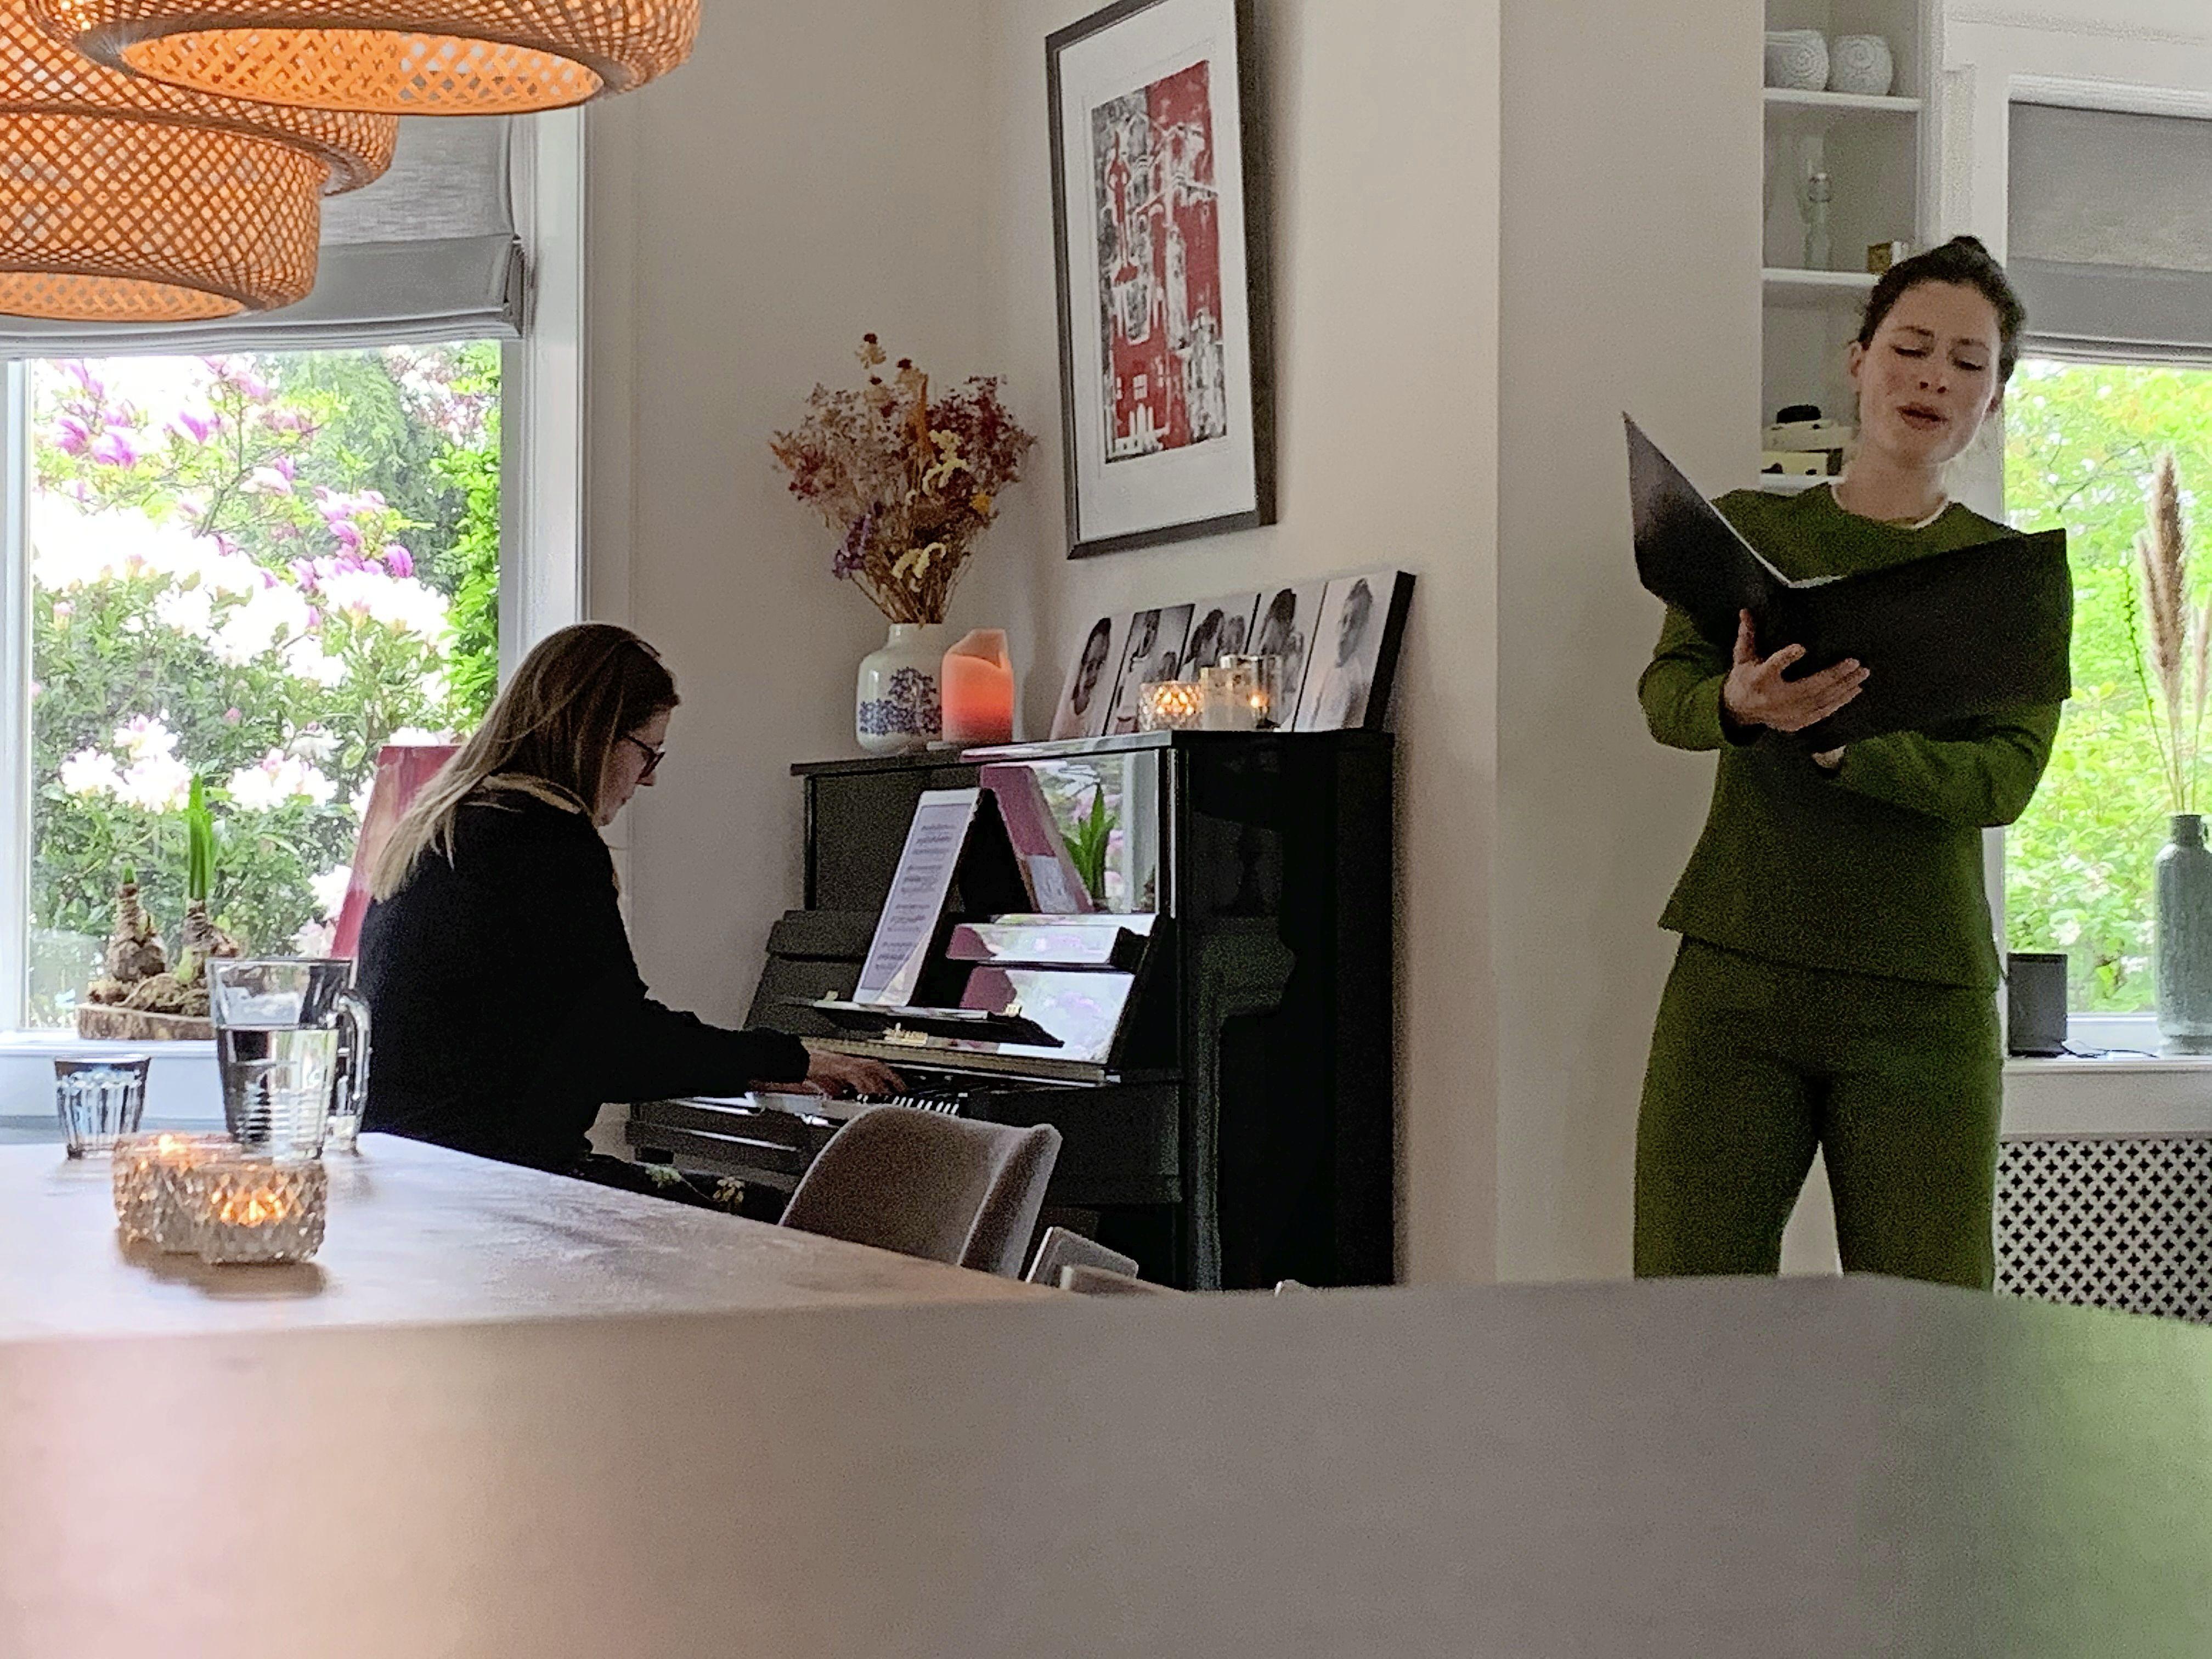 Meer zondigen door corona? De Bussumse Charlotte Houberg bezingt in Hof van Heden met klassieke liederen de zeven zonden van de 21ste eeuw